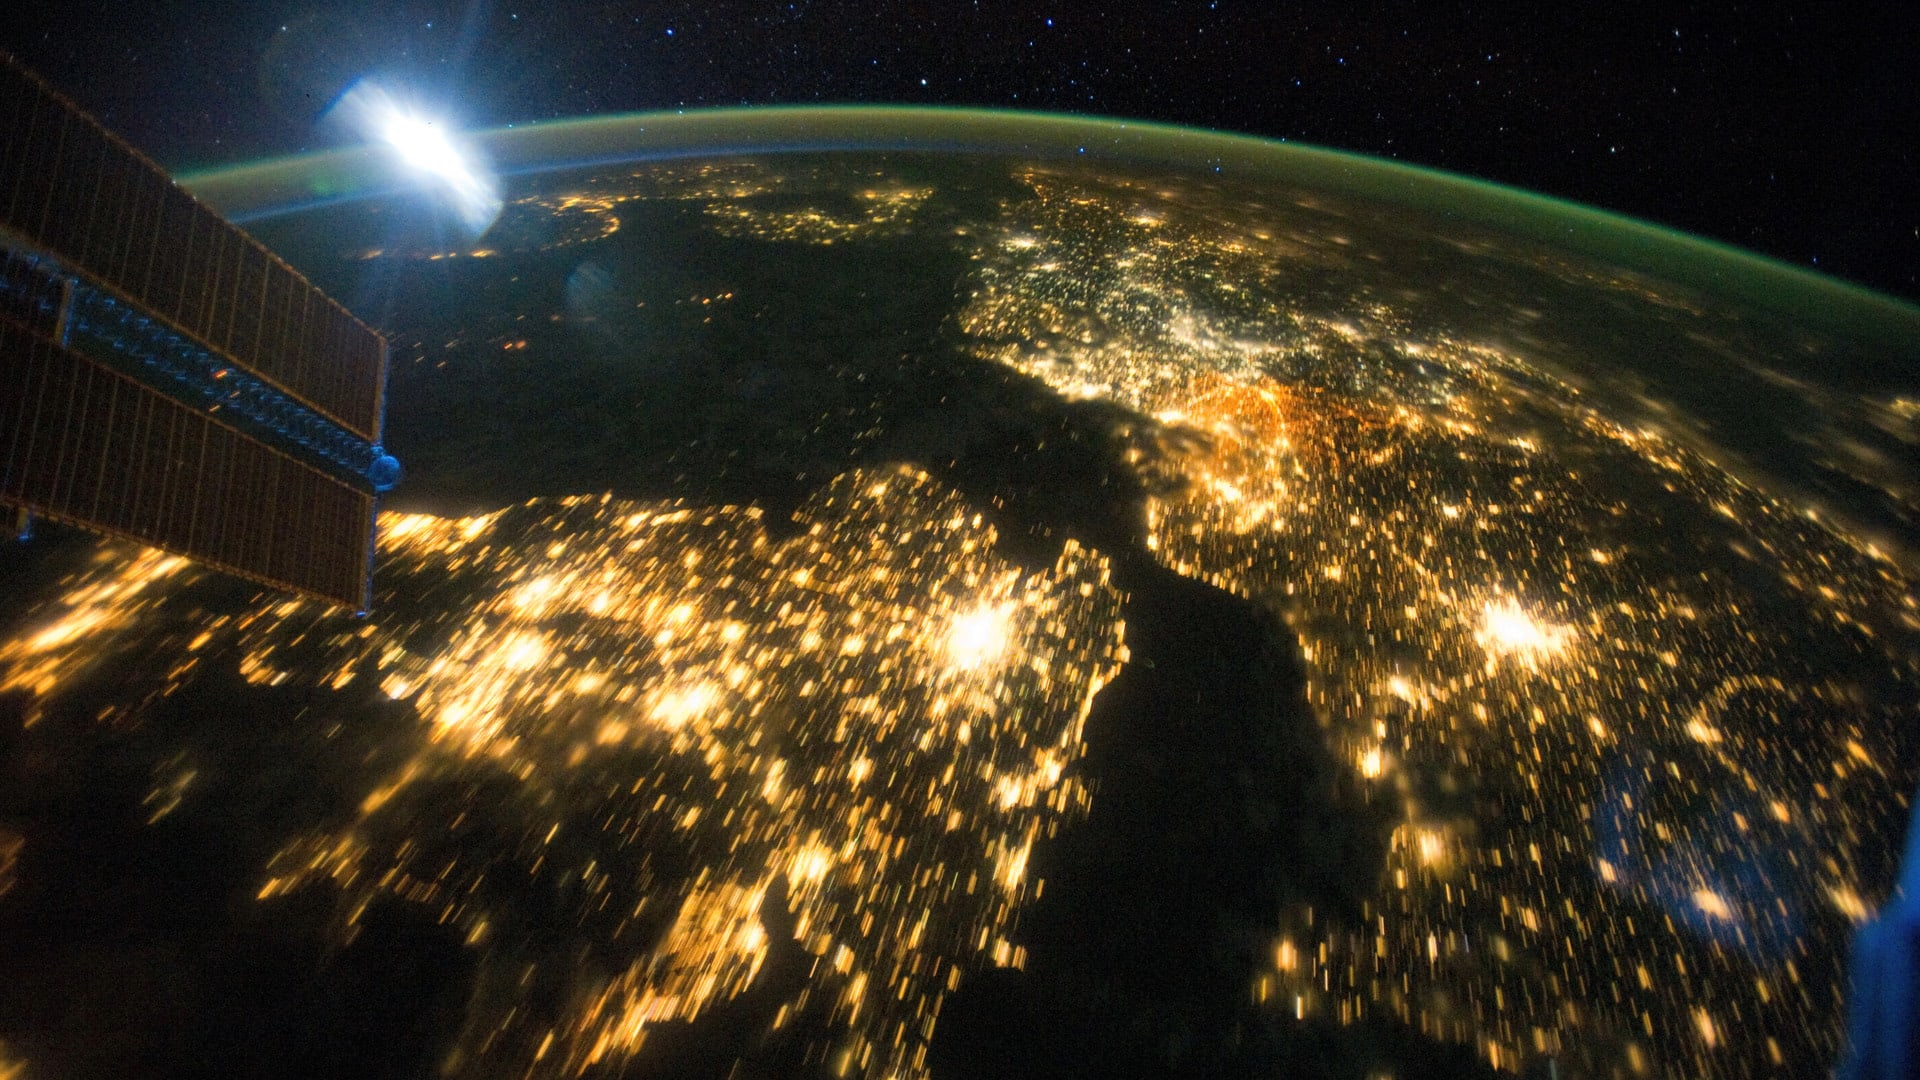 Meddig maradhat fenn az emberiség? | BOCS Civilizációtervezés Alapítvány - BLOG